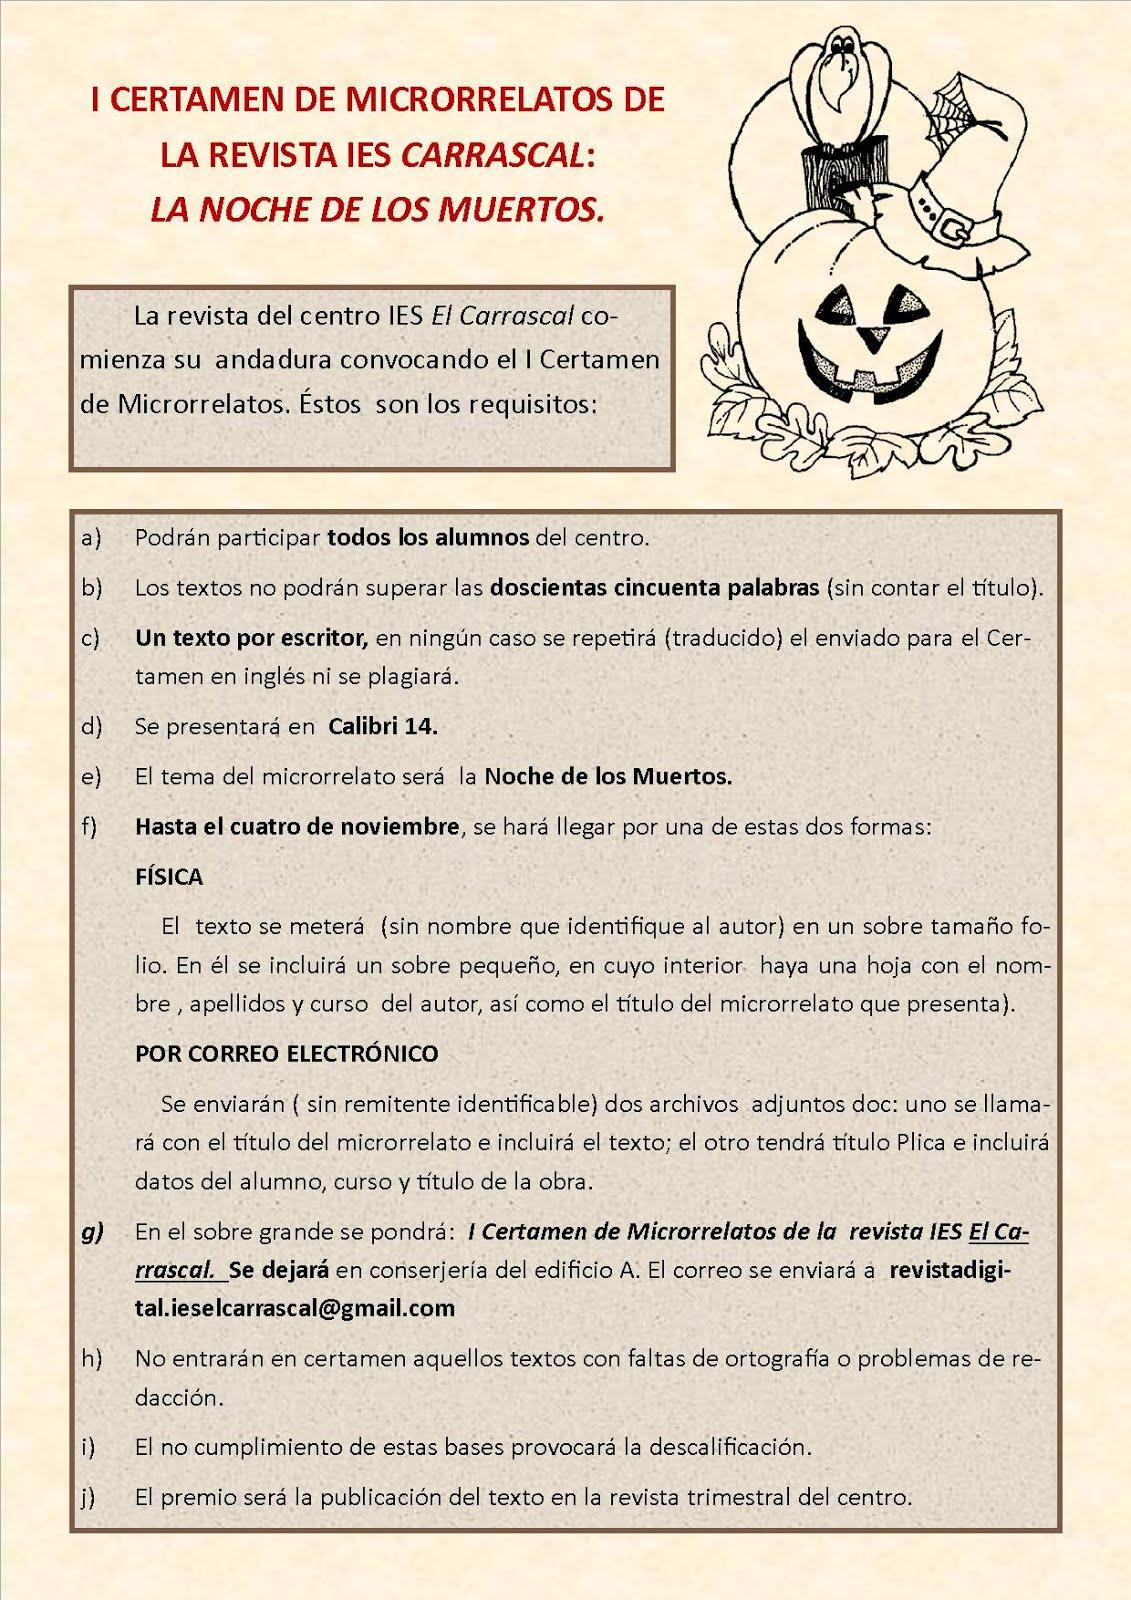 Certámenes Revista IES El Carrascal